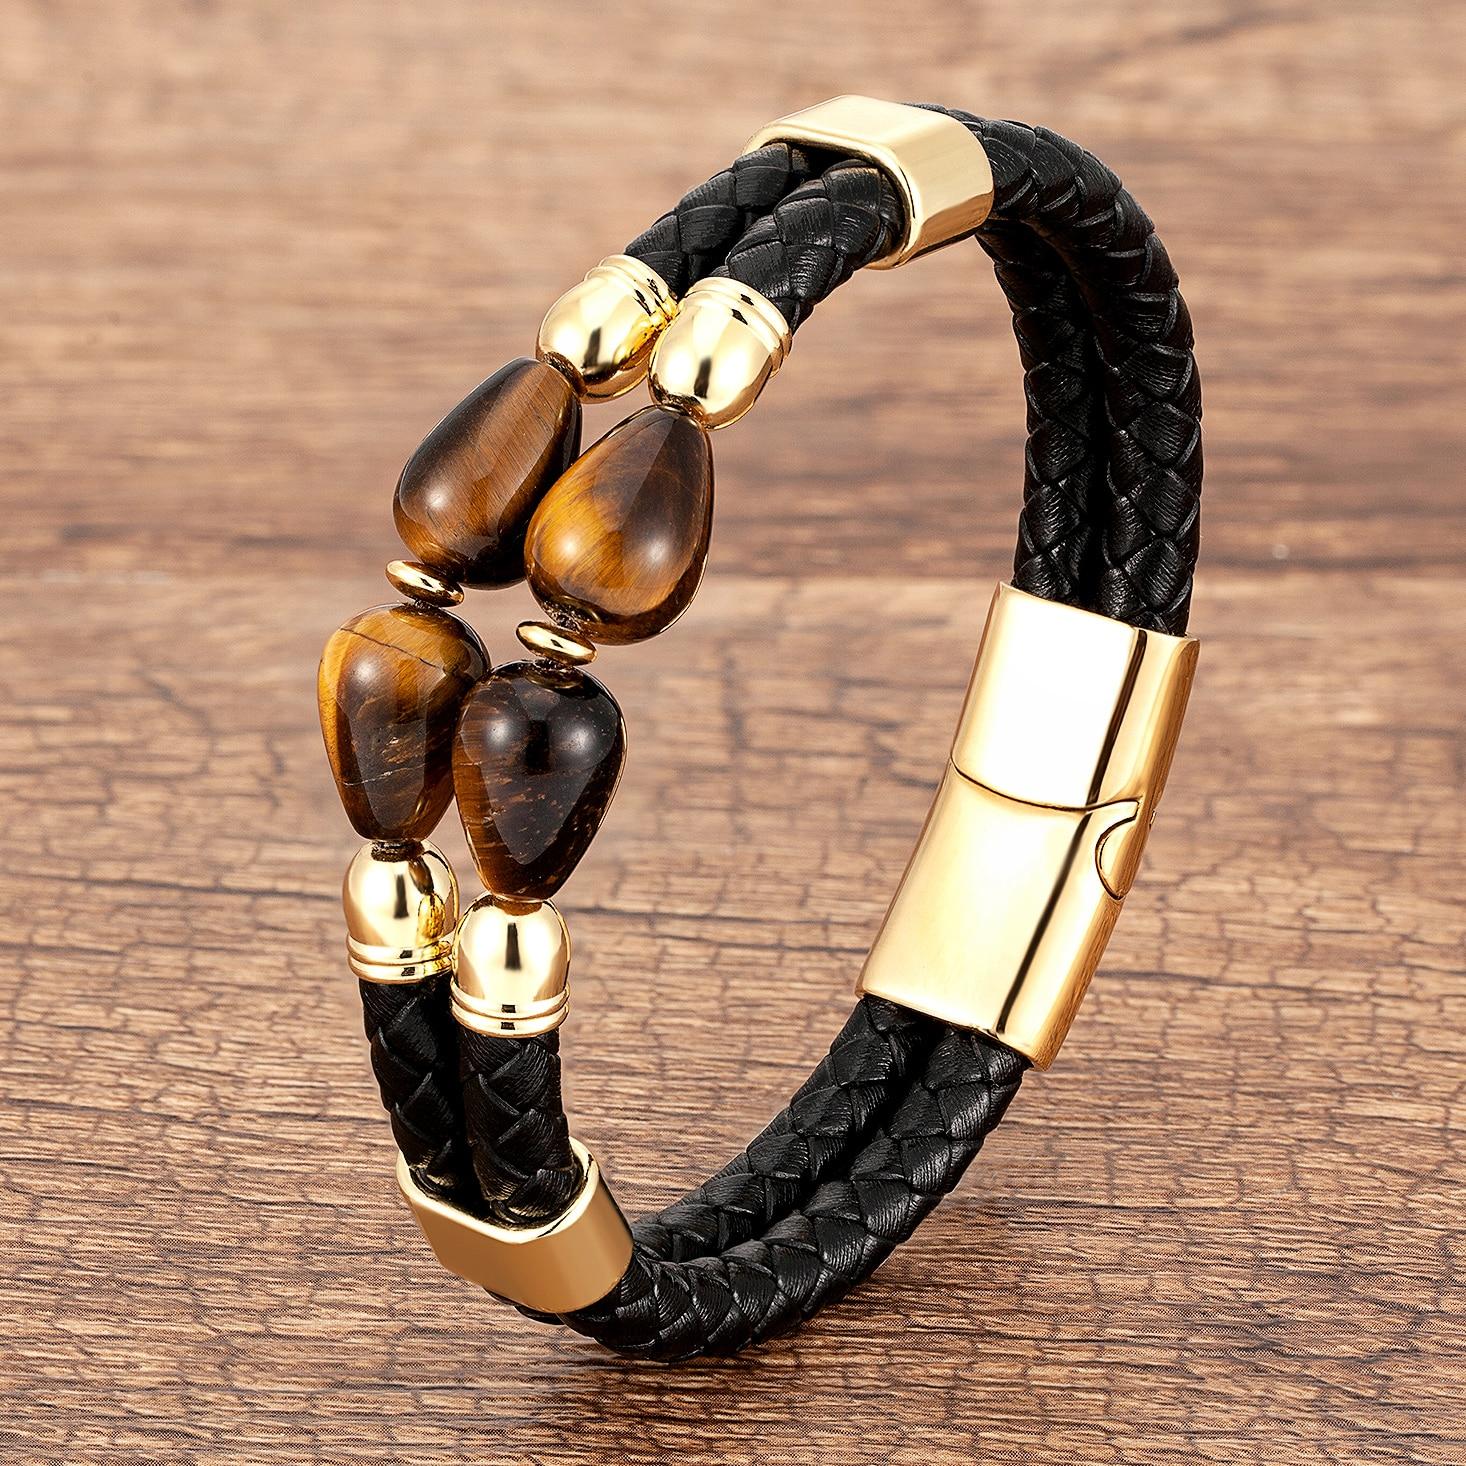 100% Natural Tiger Eye Bracelet Men Charm Multilayer Black Leather Stainless Steel Magnetic Buckle